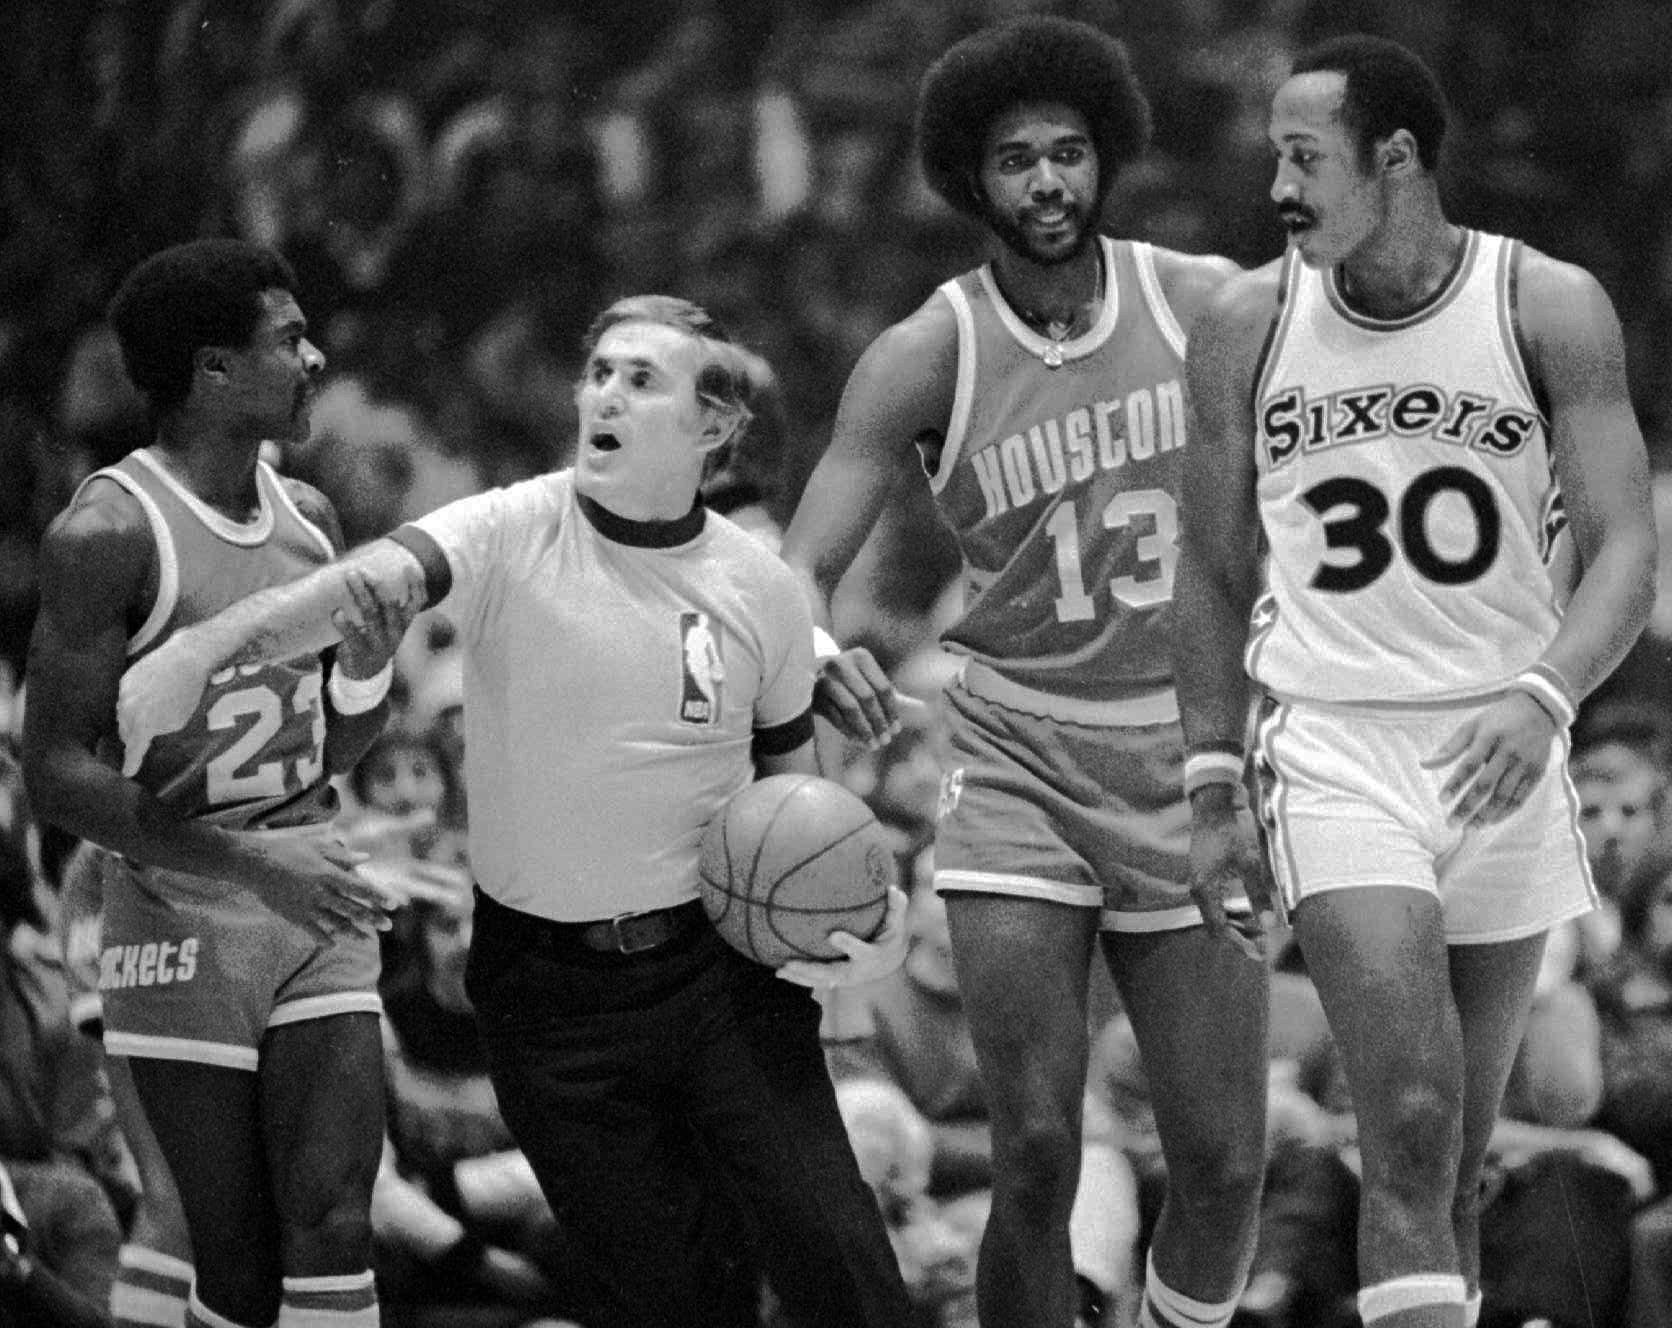 Basketball as metaphor